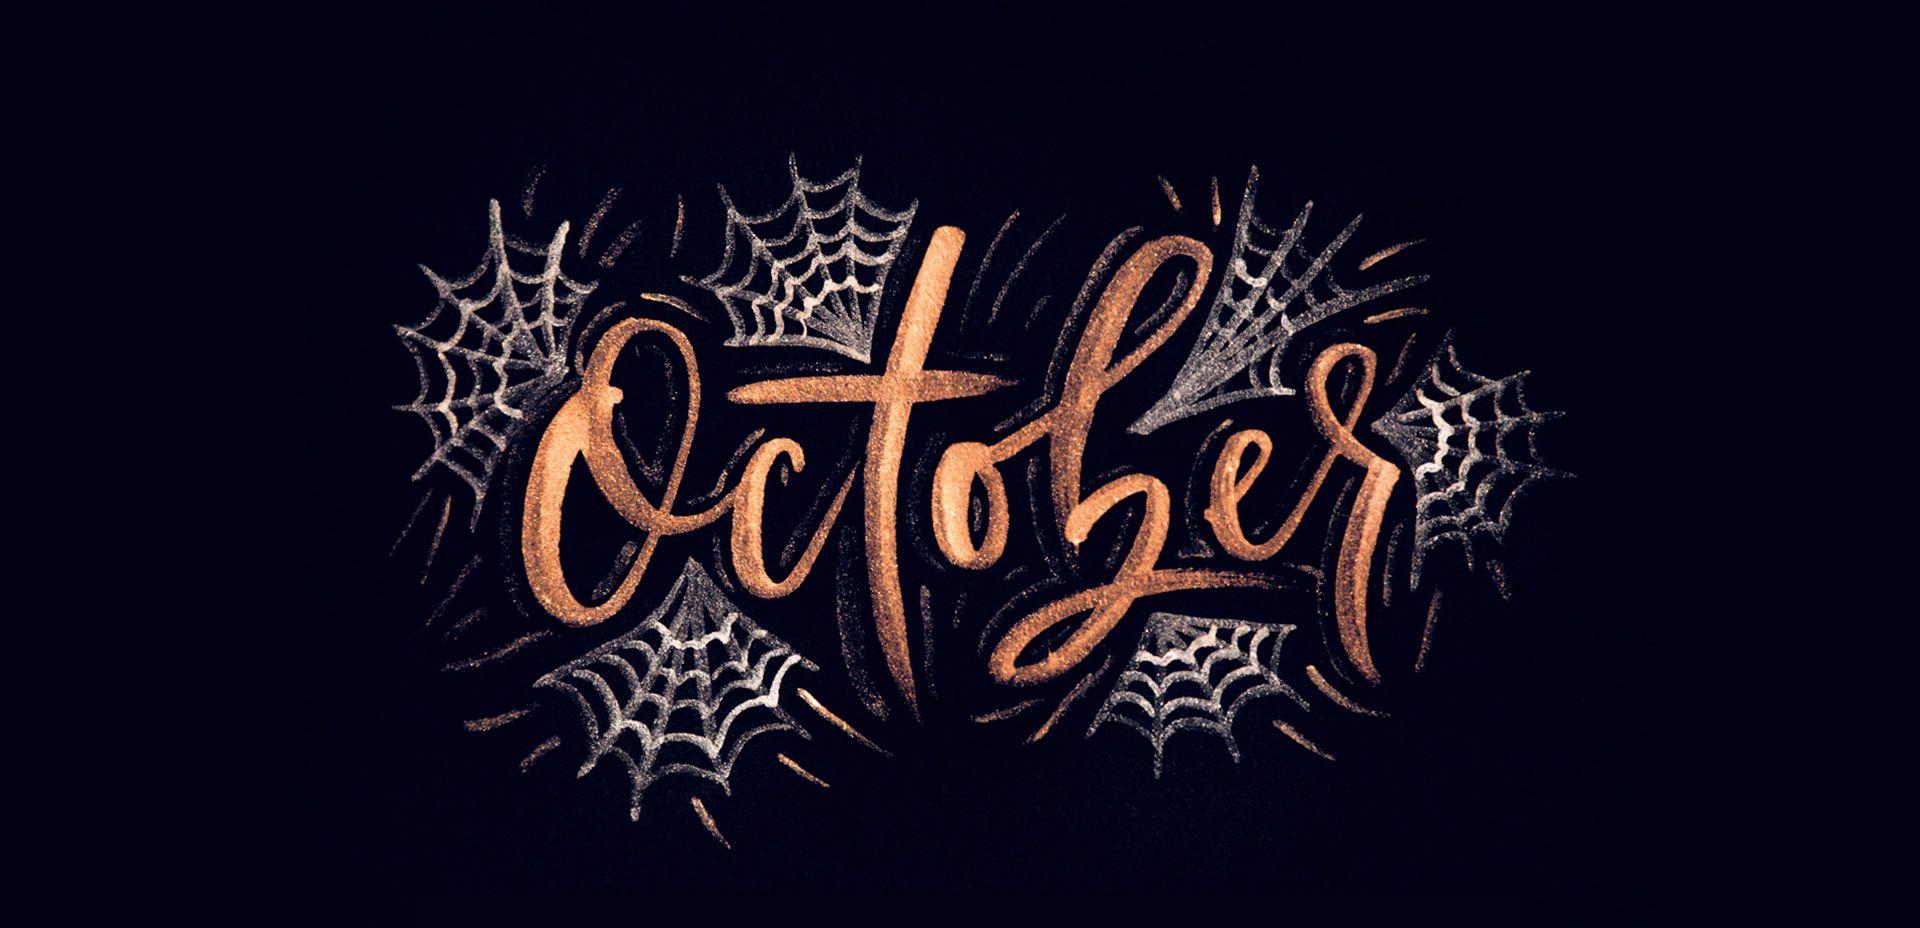 Freebie October 2016 Desktop Wallpapers October